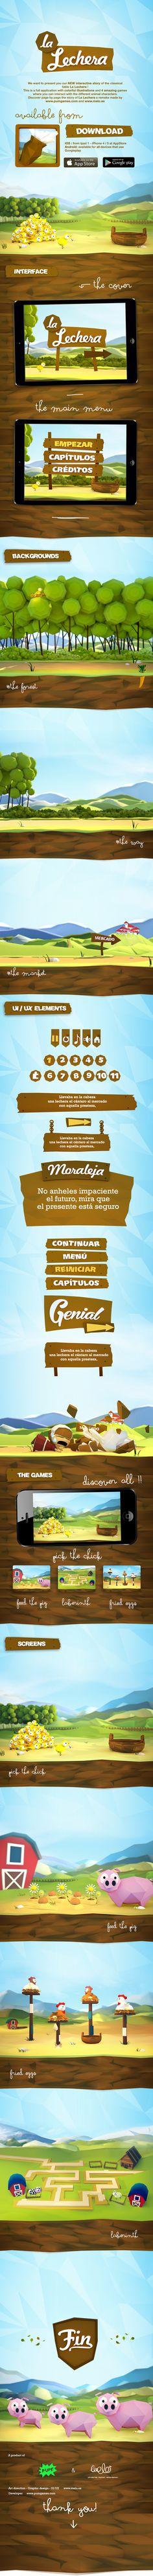 La Lechera - App Game 0